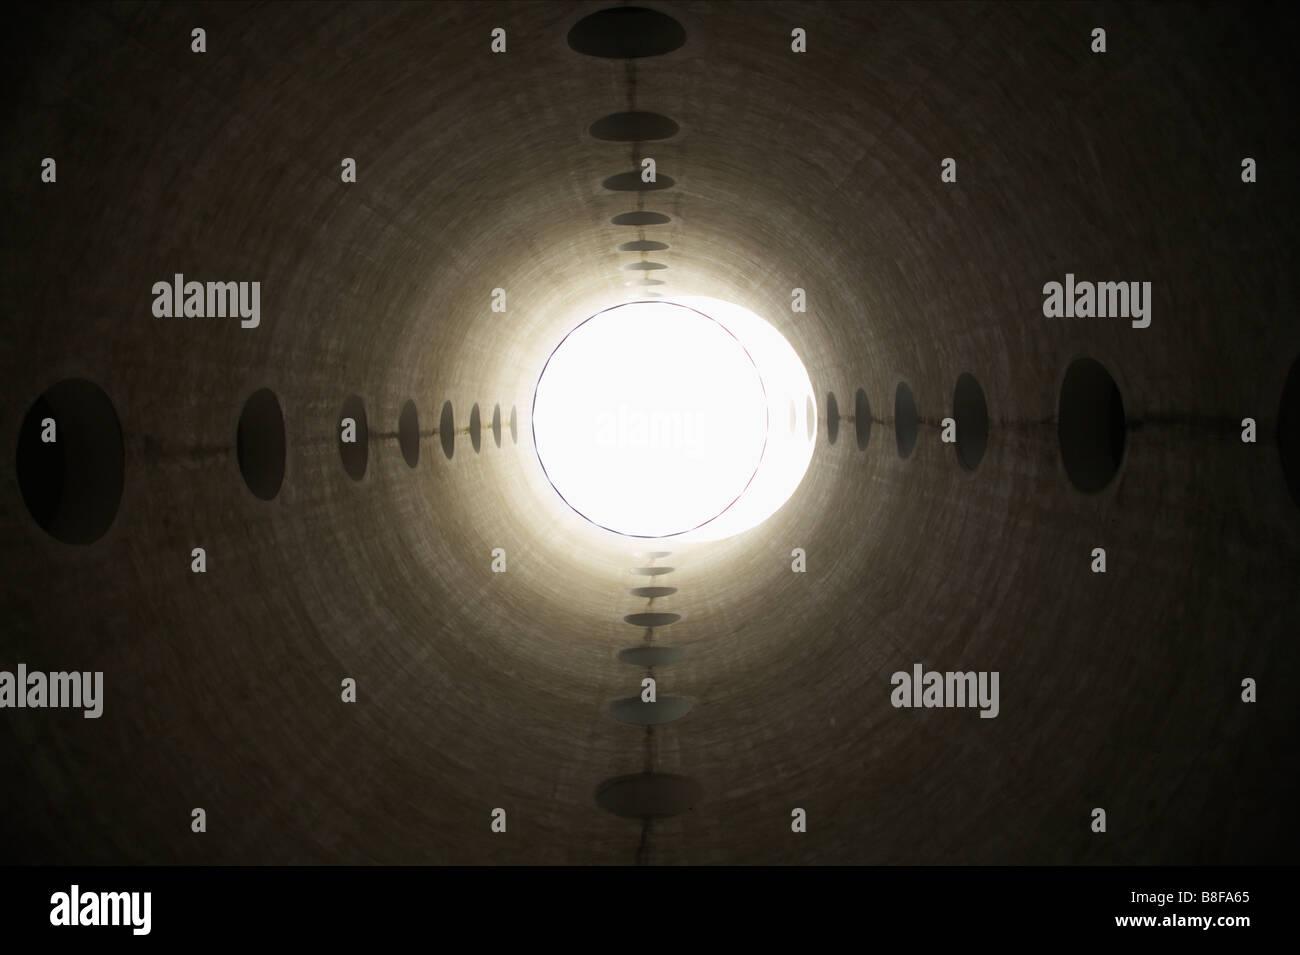 All'interno di una torre a basso angolo di visione Immagini Stock